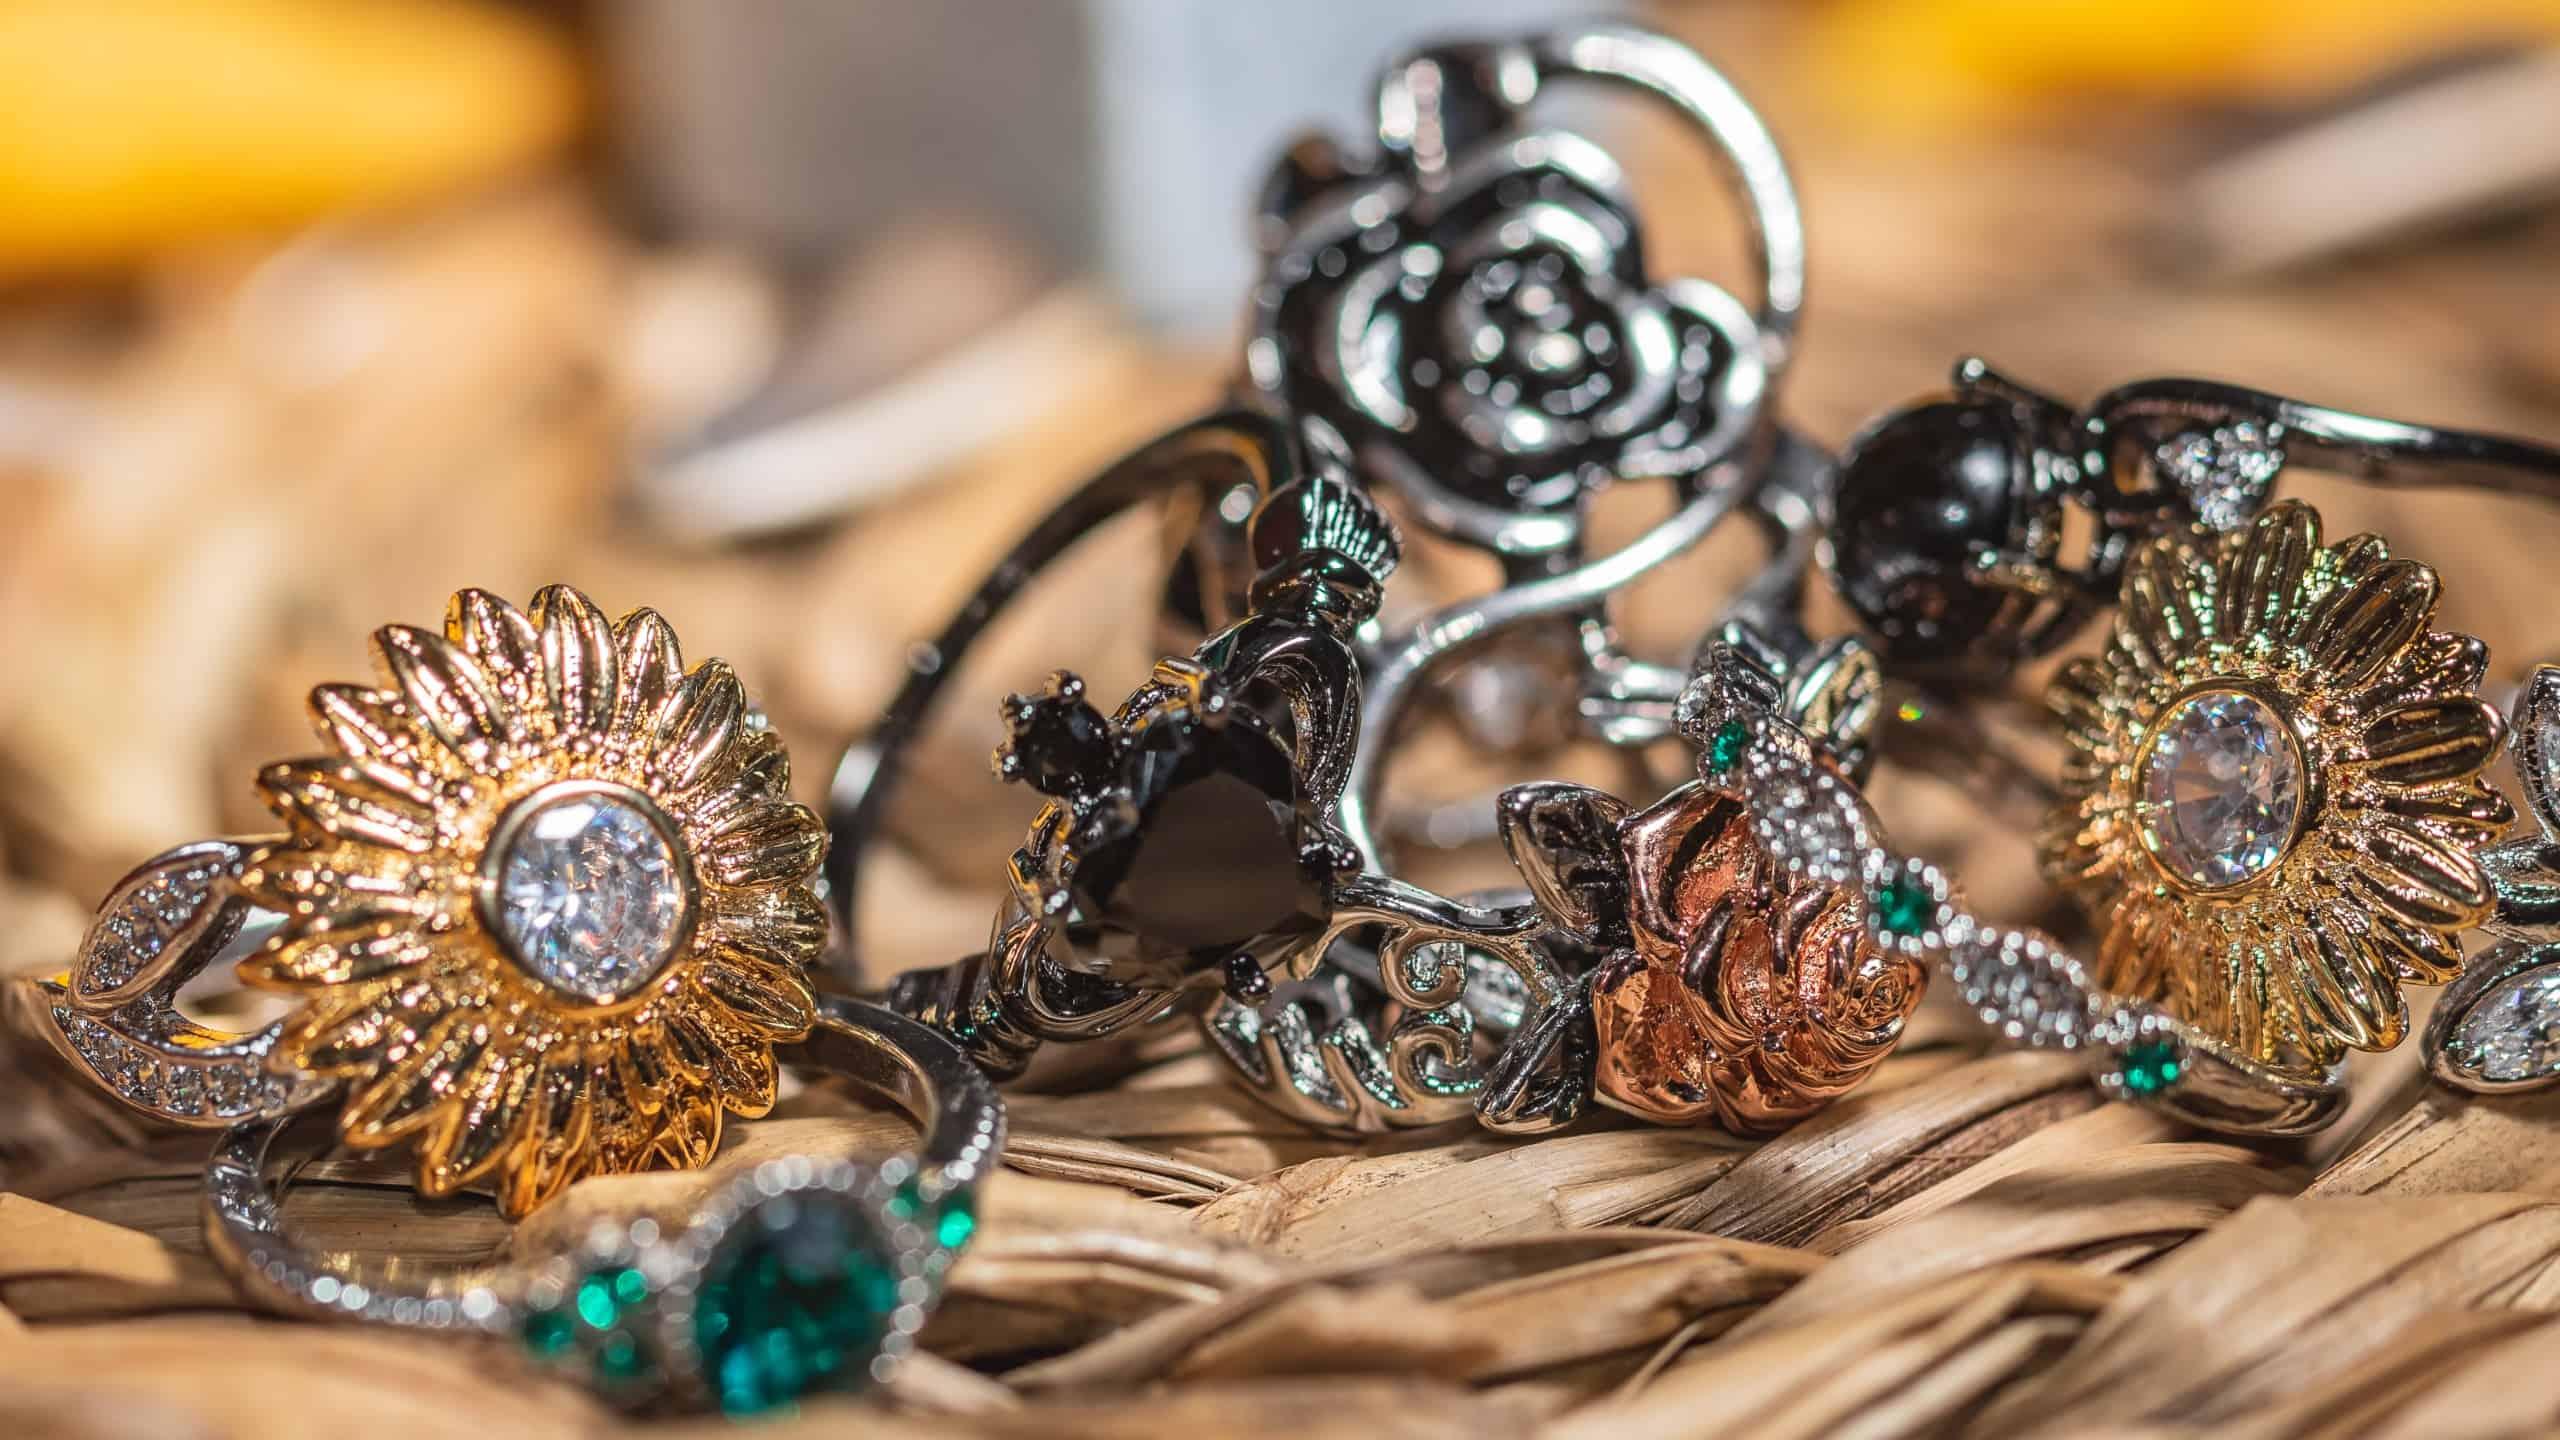 Fotografia produktowa w domu zbiór biżuterii i czarne pierścionki - refleksy-4